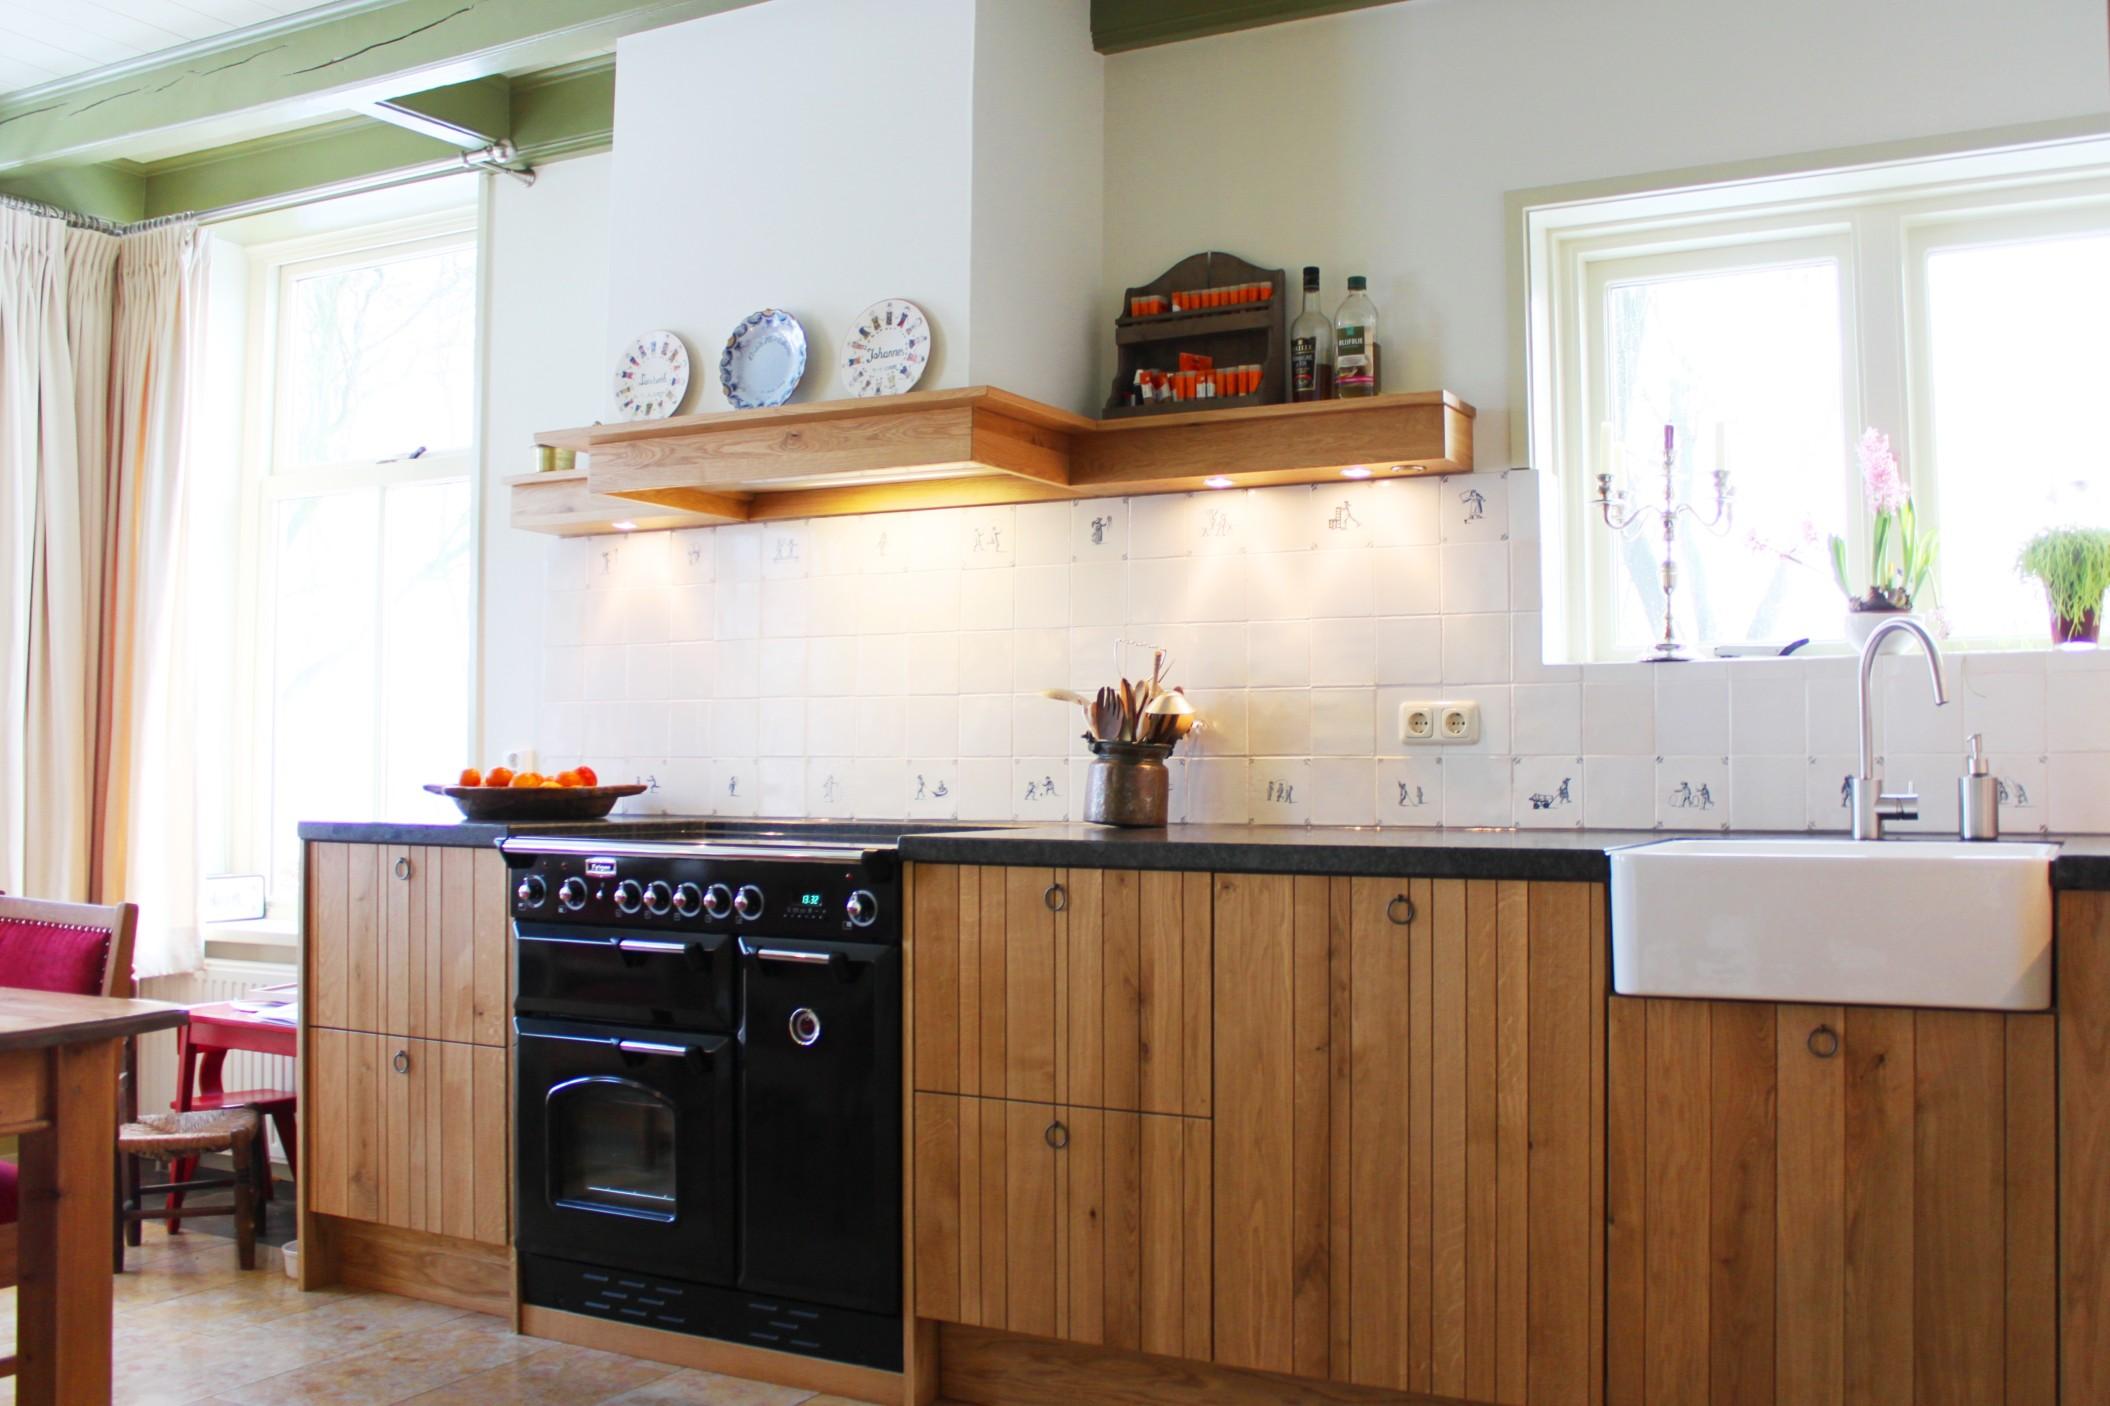 Maatwerk houten keukens van jp walker   nieuws startpagina voor ...